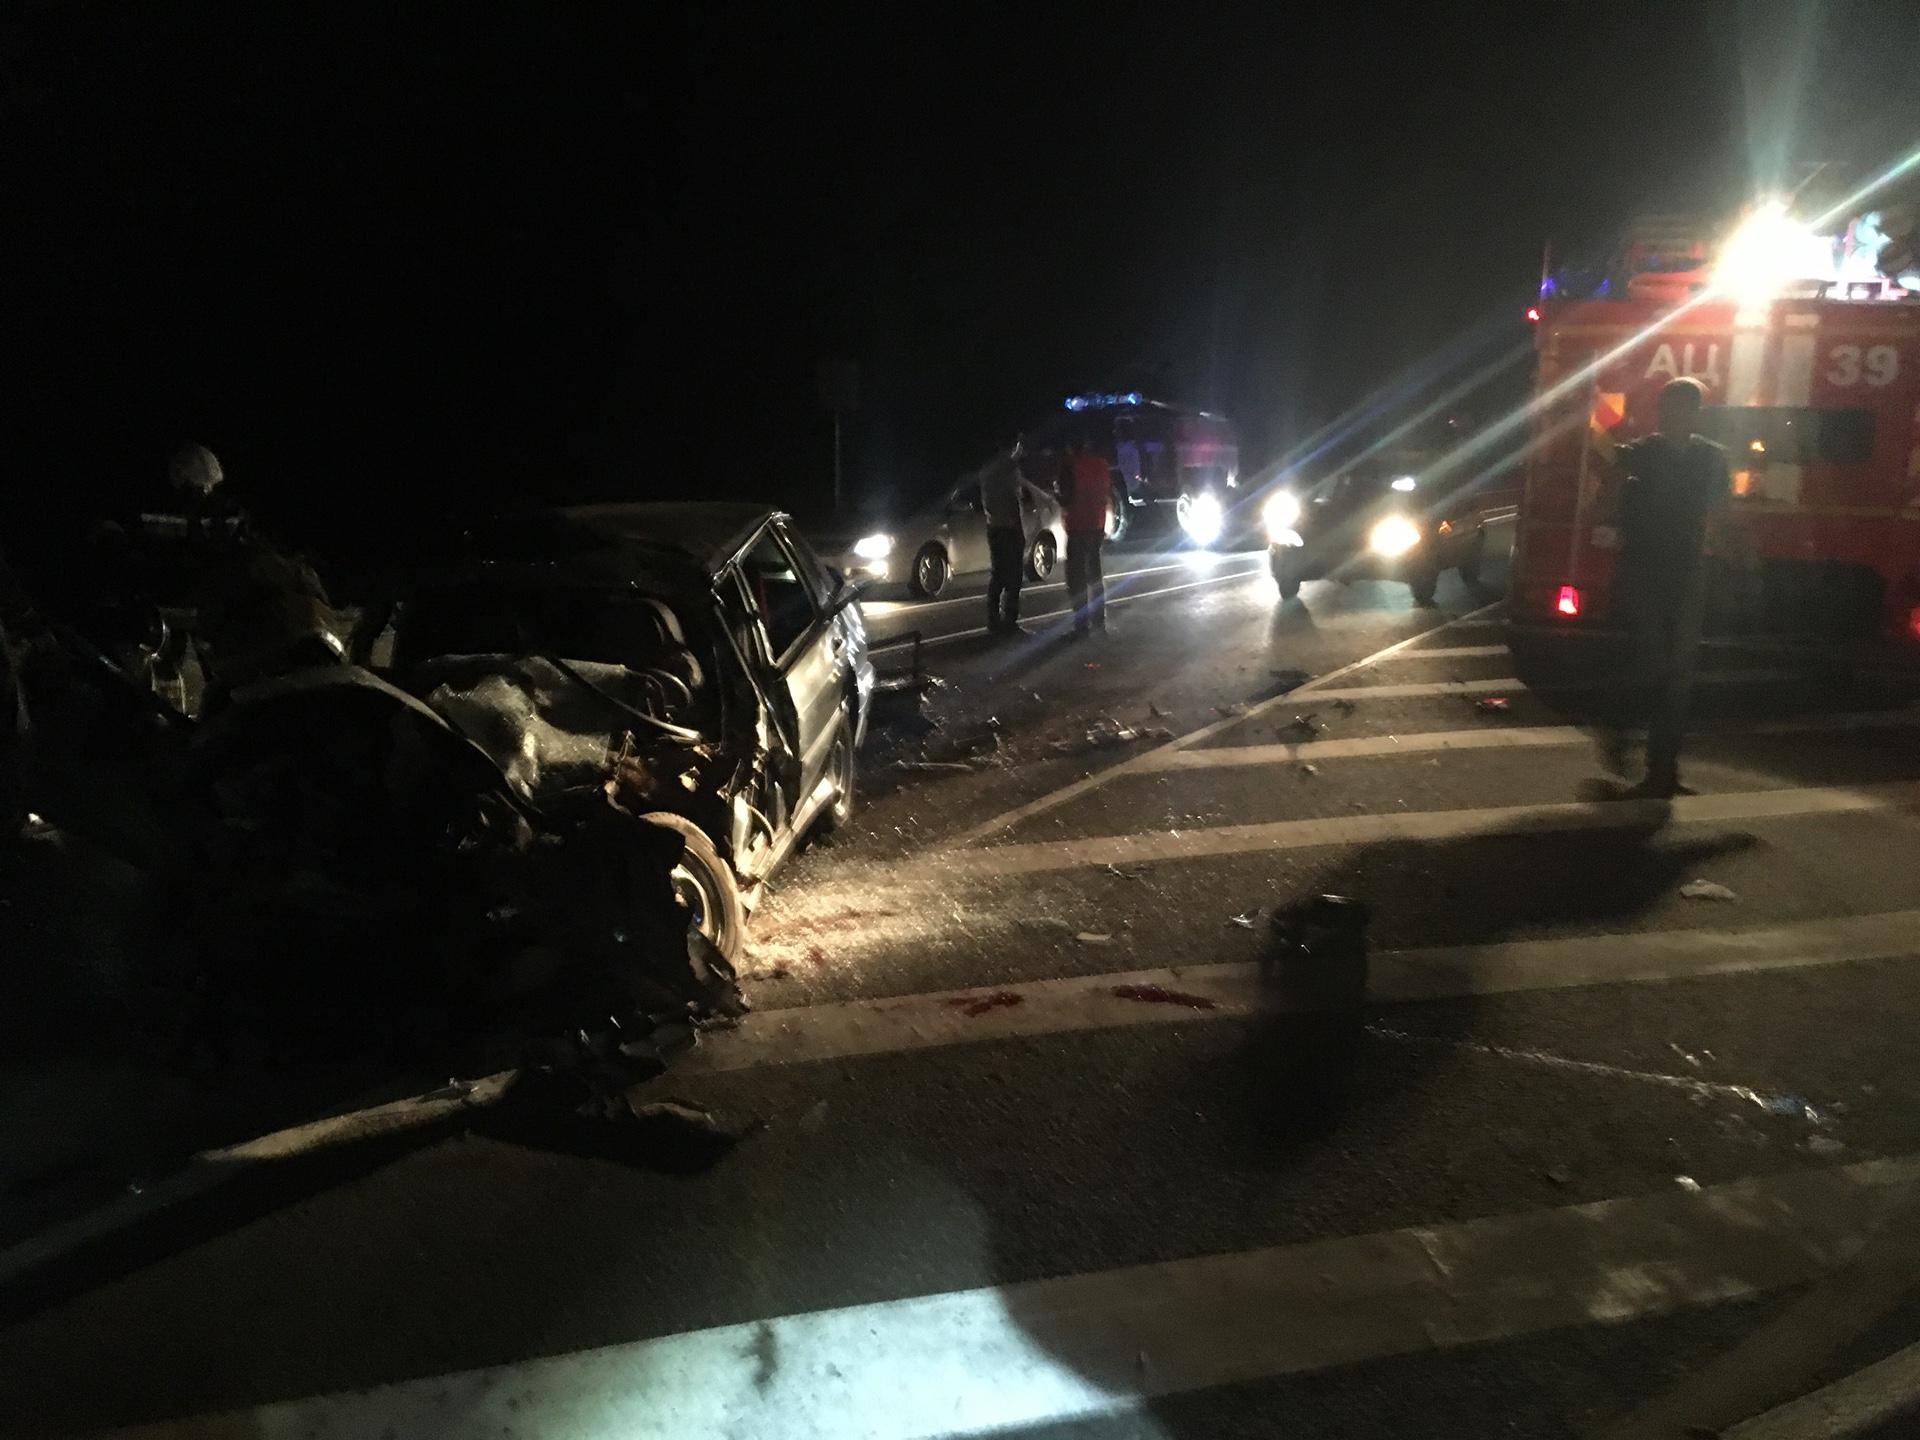 Смертельное ДТП на оренбургской трассе: спасатели деблокировали пострадавшего